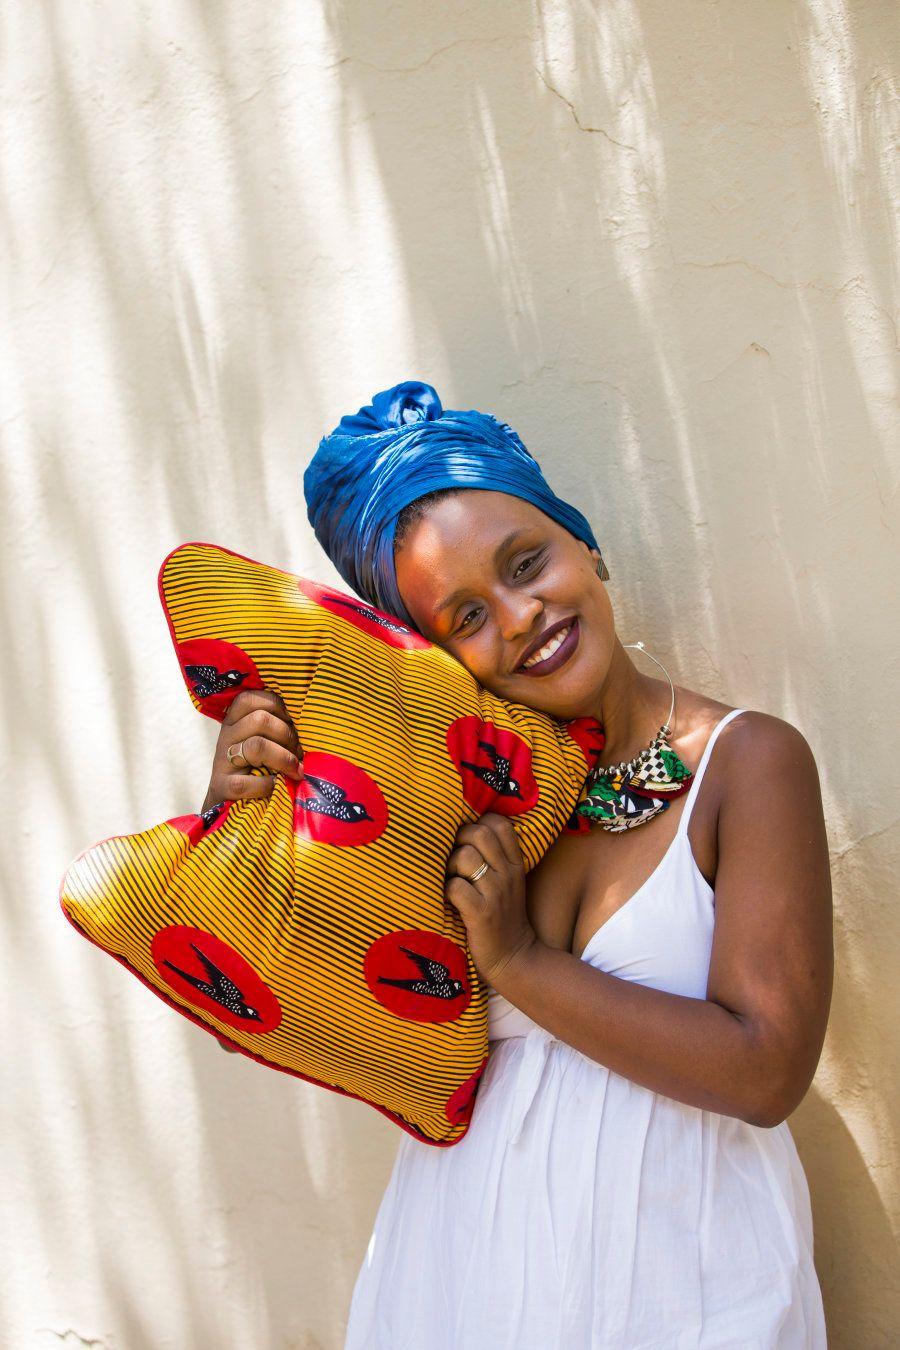 Quando a ancestralidade está ao redor: A arte de Monique